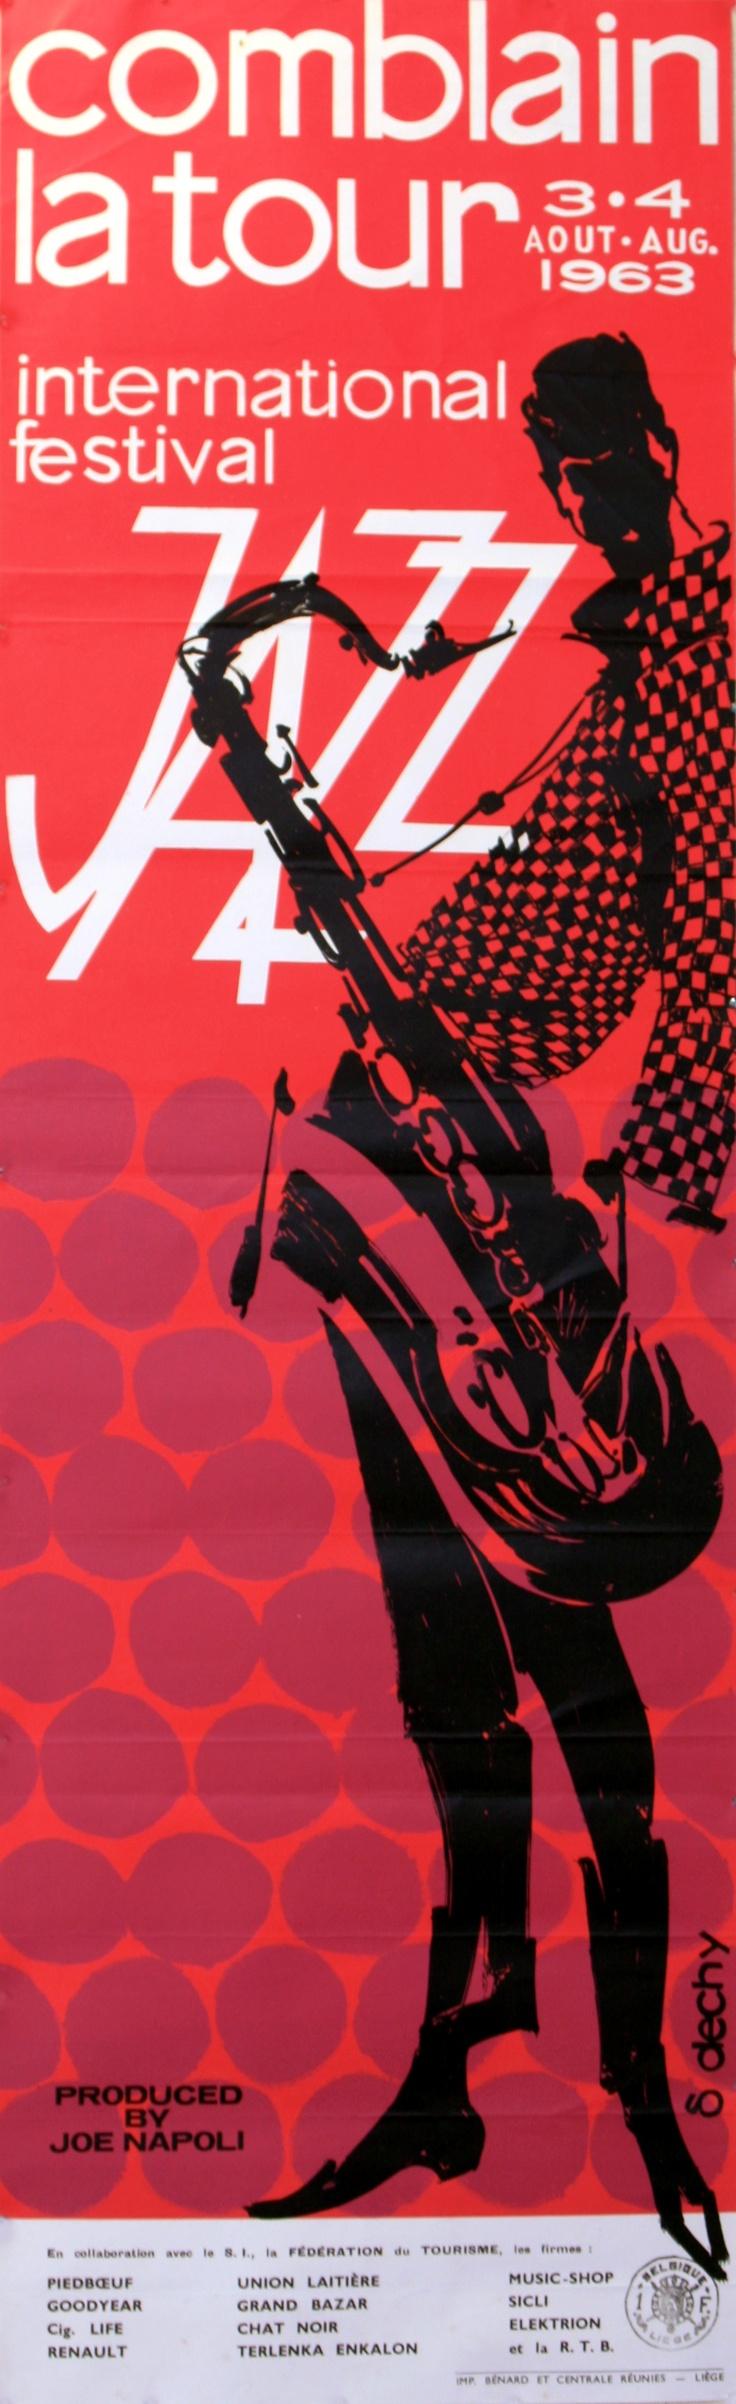 Vintage Jazz Concert Poster | www.imgkid.com - The Image ...